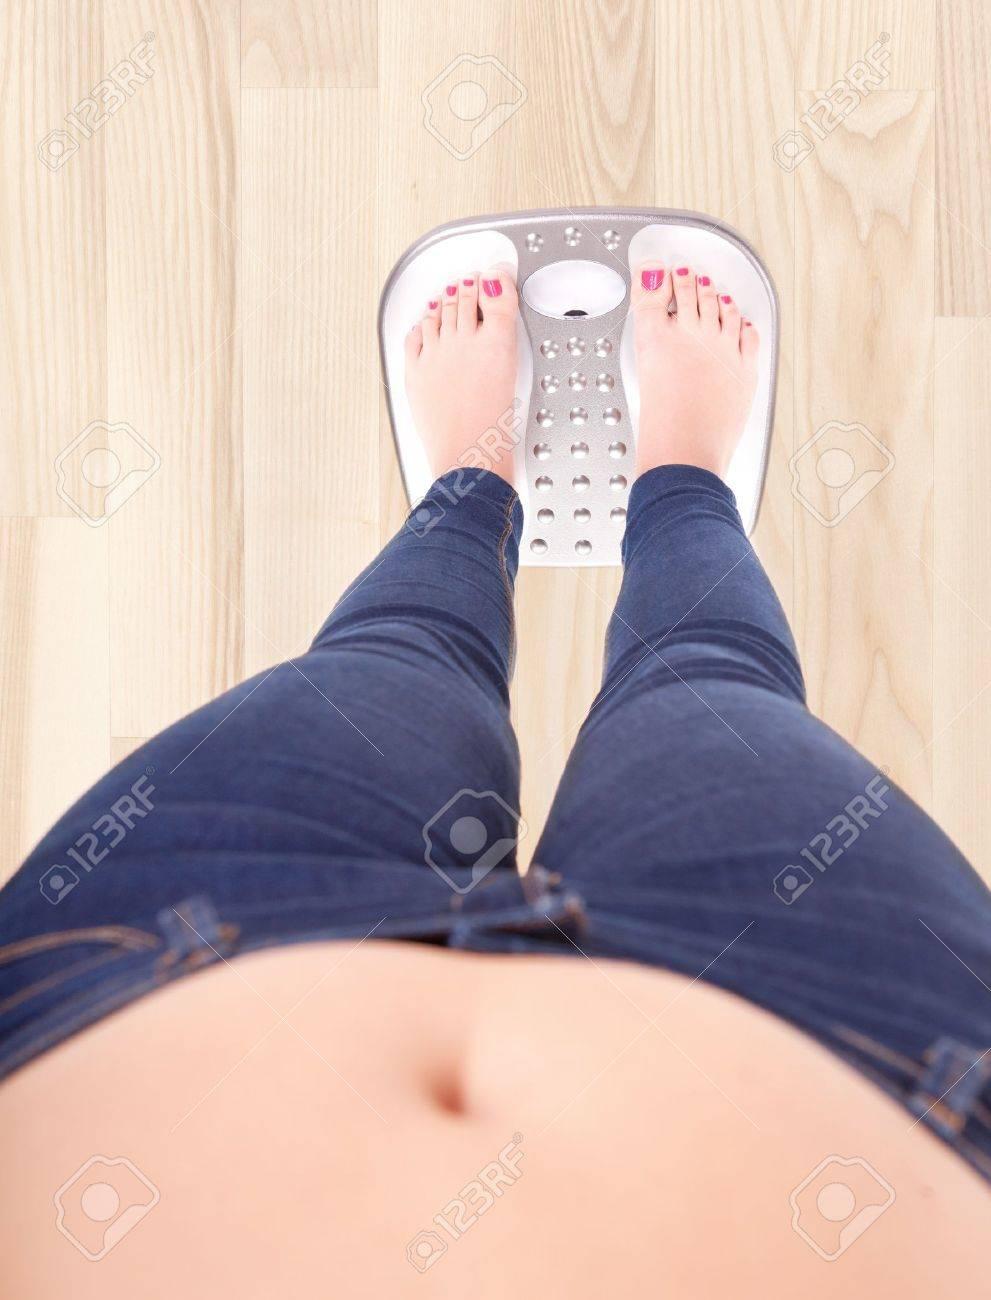 Аквааэробика эффективна ли для похудения